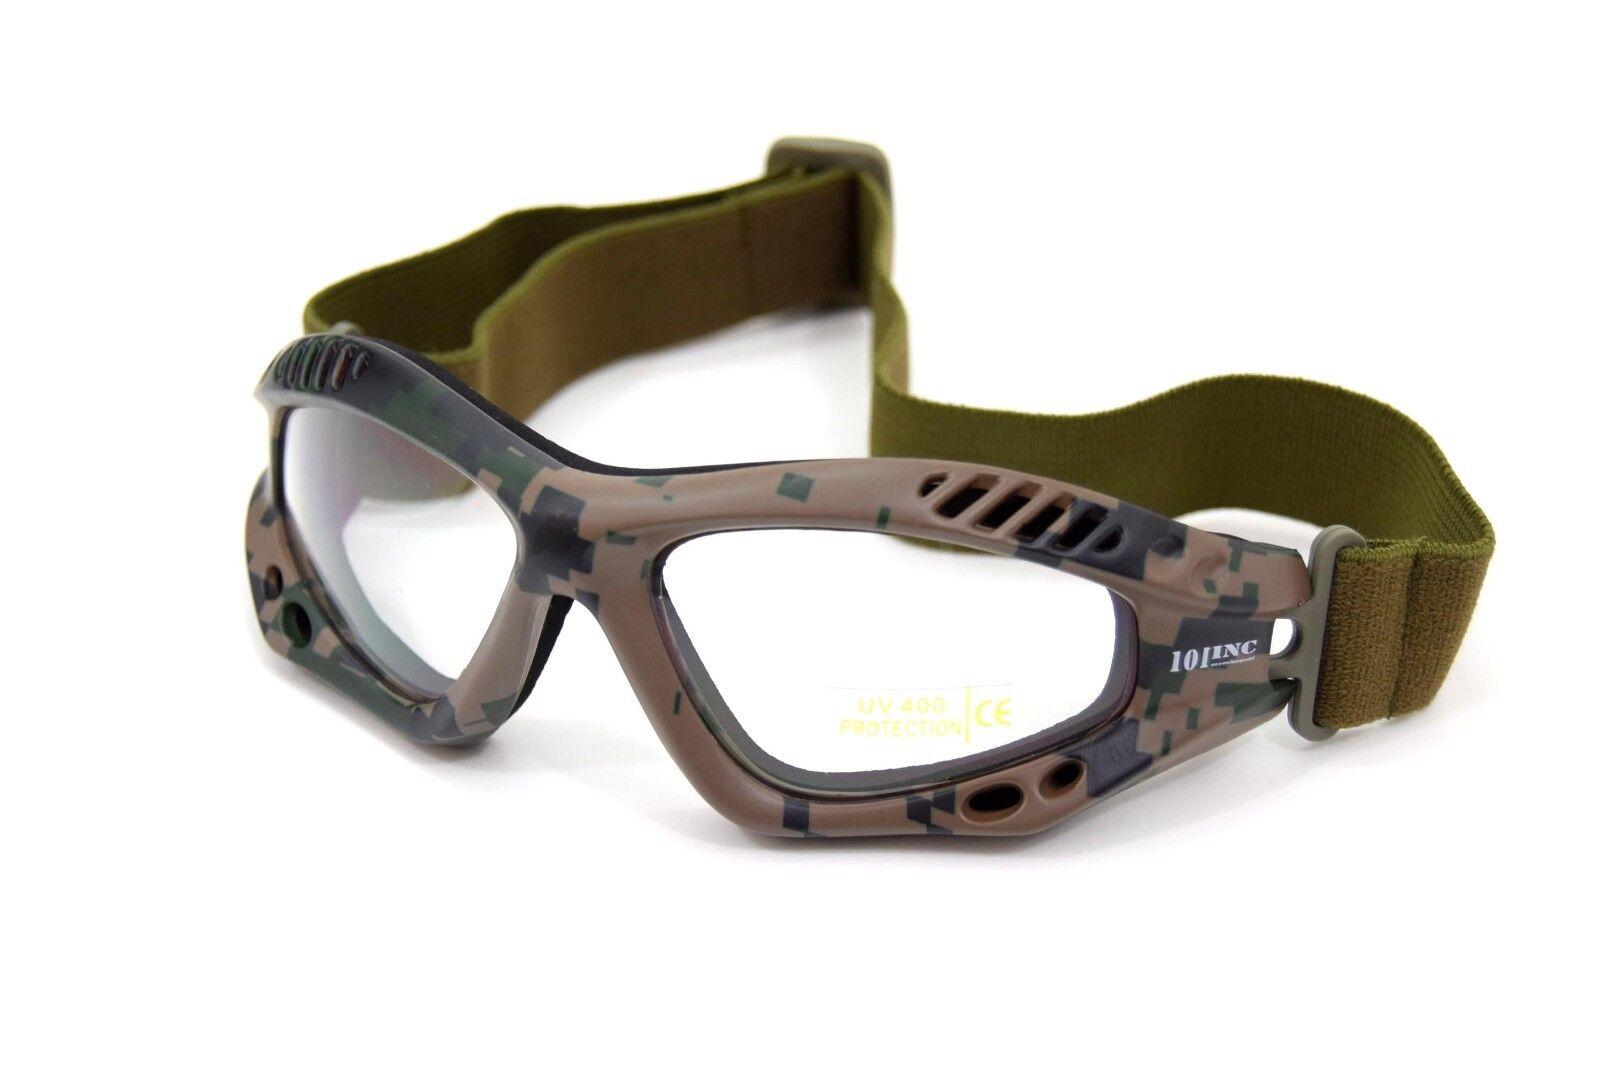 688b437384ccfb ... Militaire 101-INC 101-INC Militaire Tactical Lunettes de protection  oculaire Airsoft MARPAT US ...